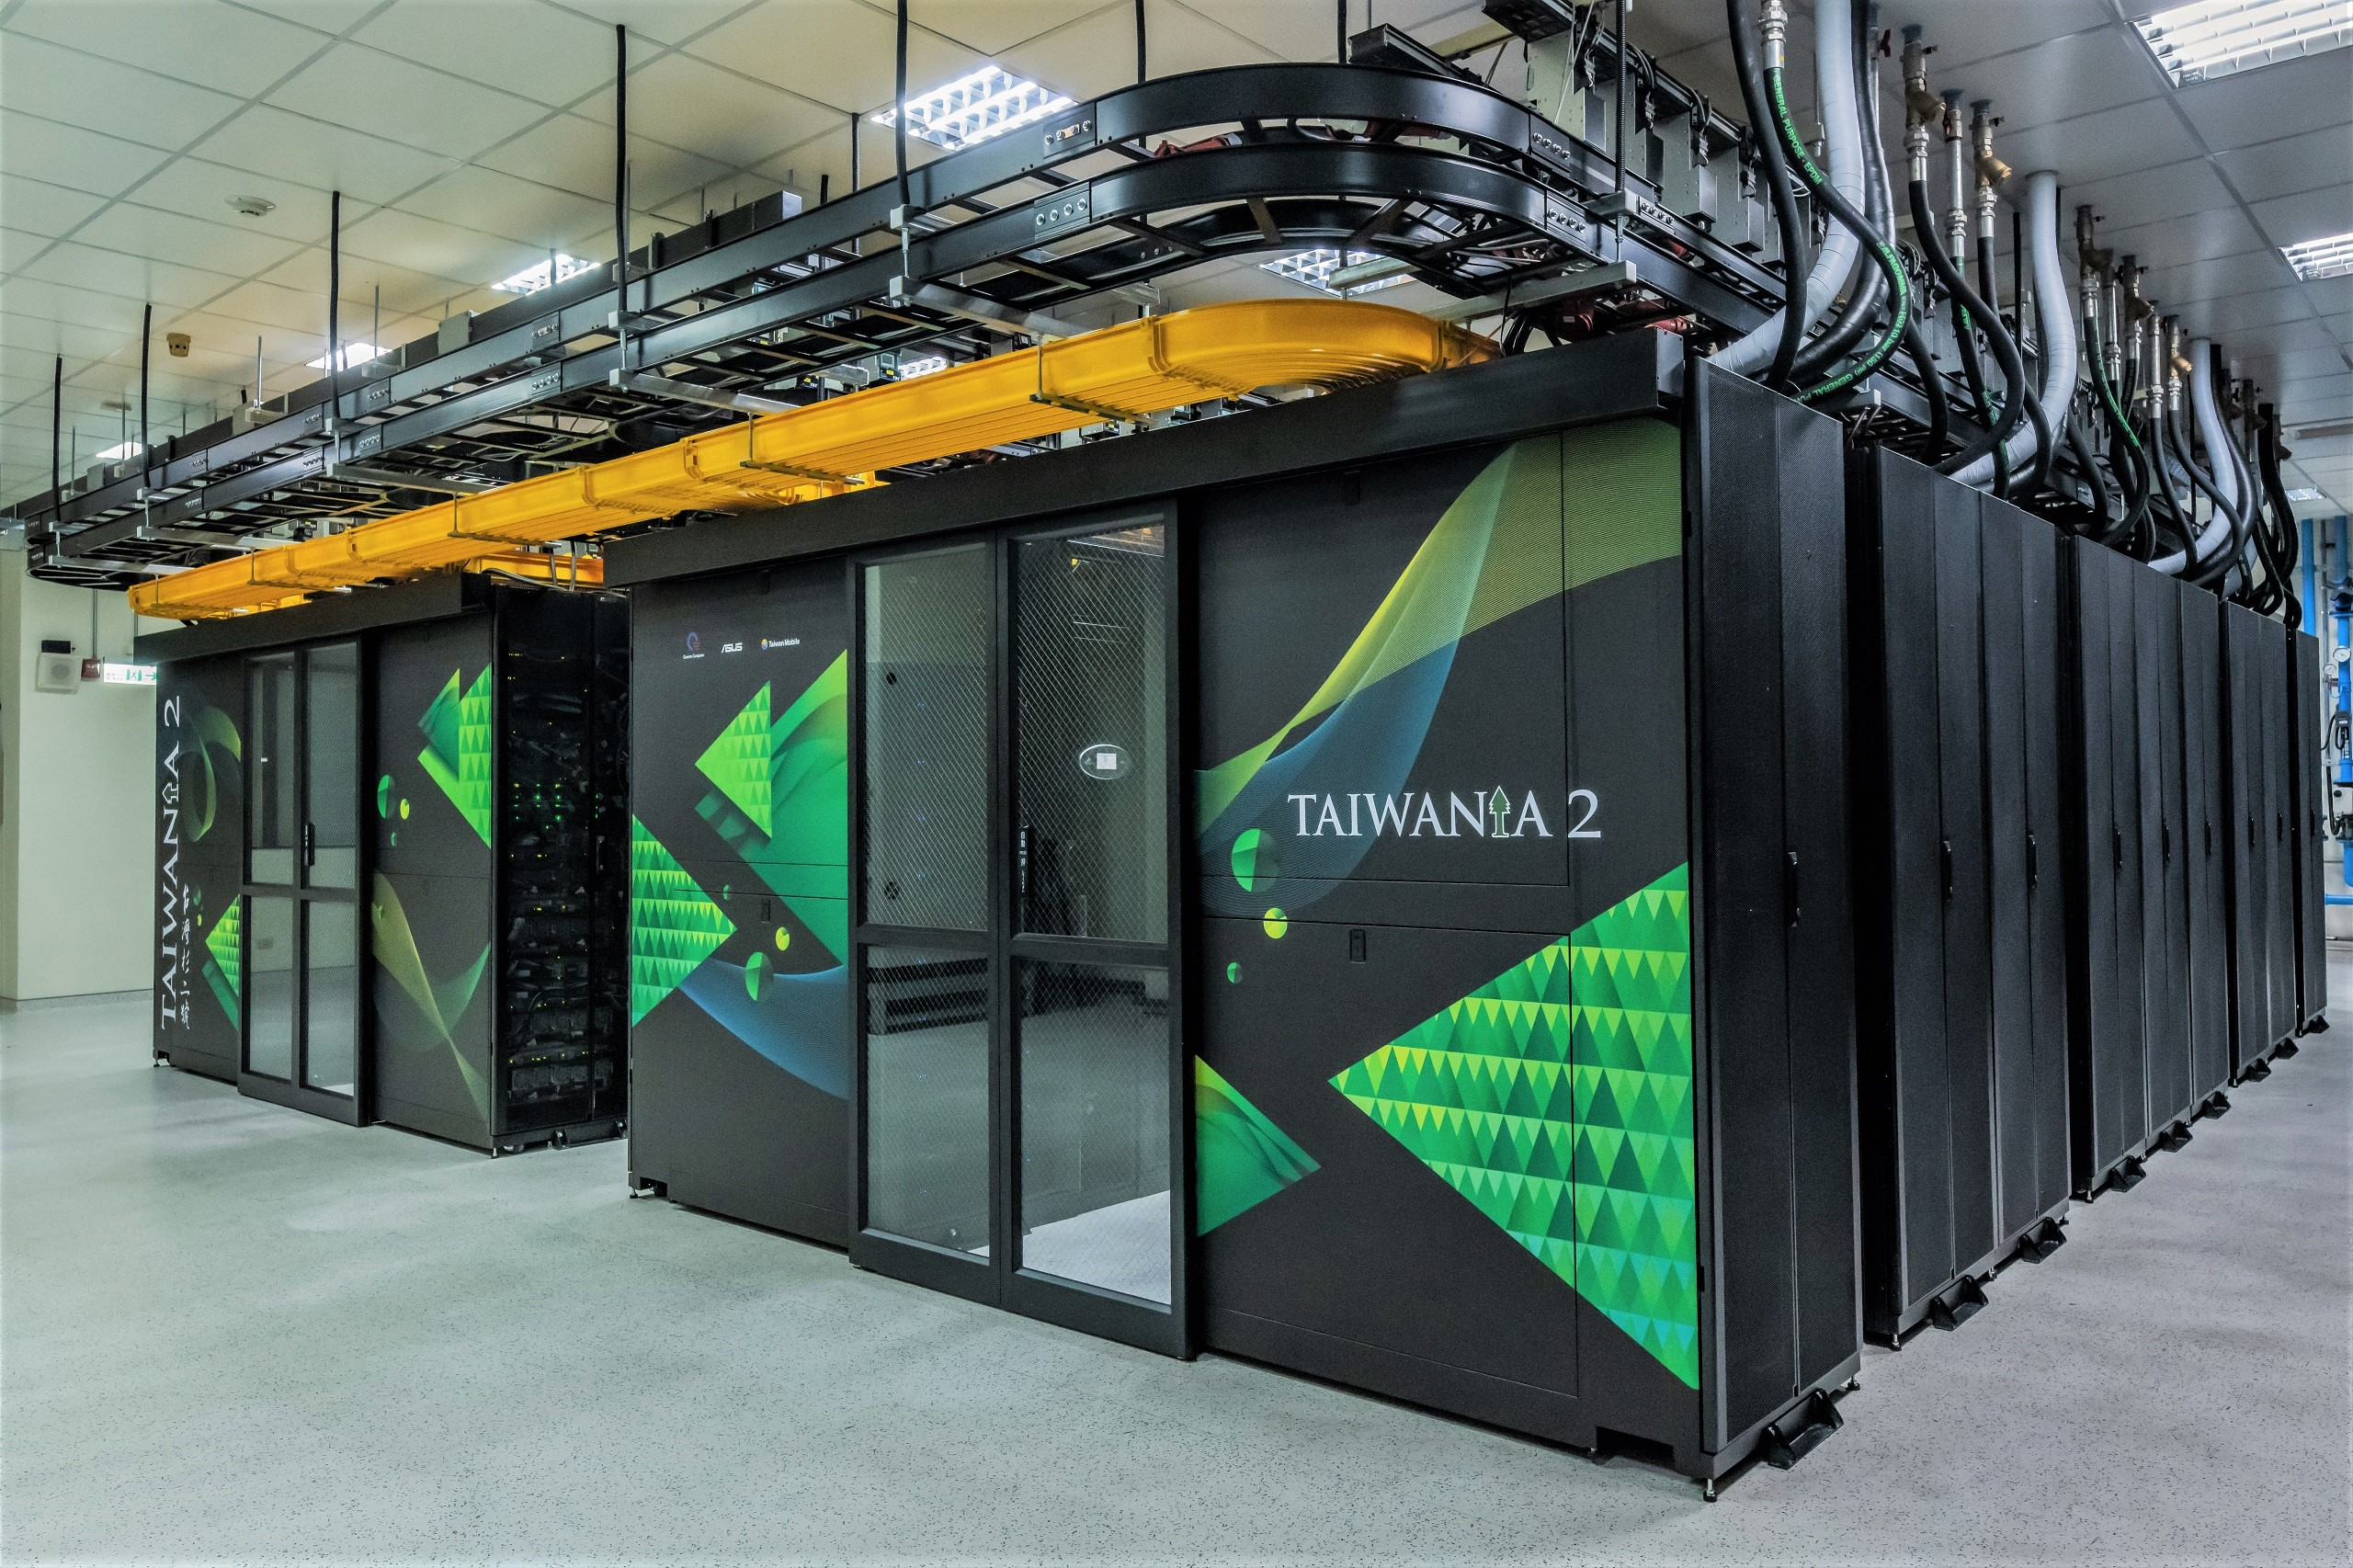 QCT & Taiwania 2 Supercomputer